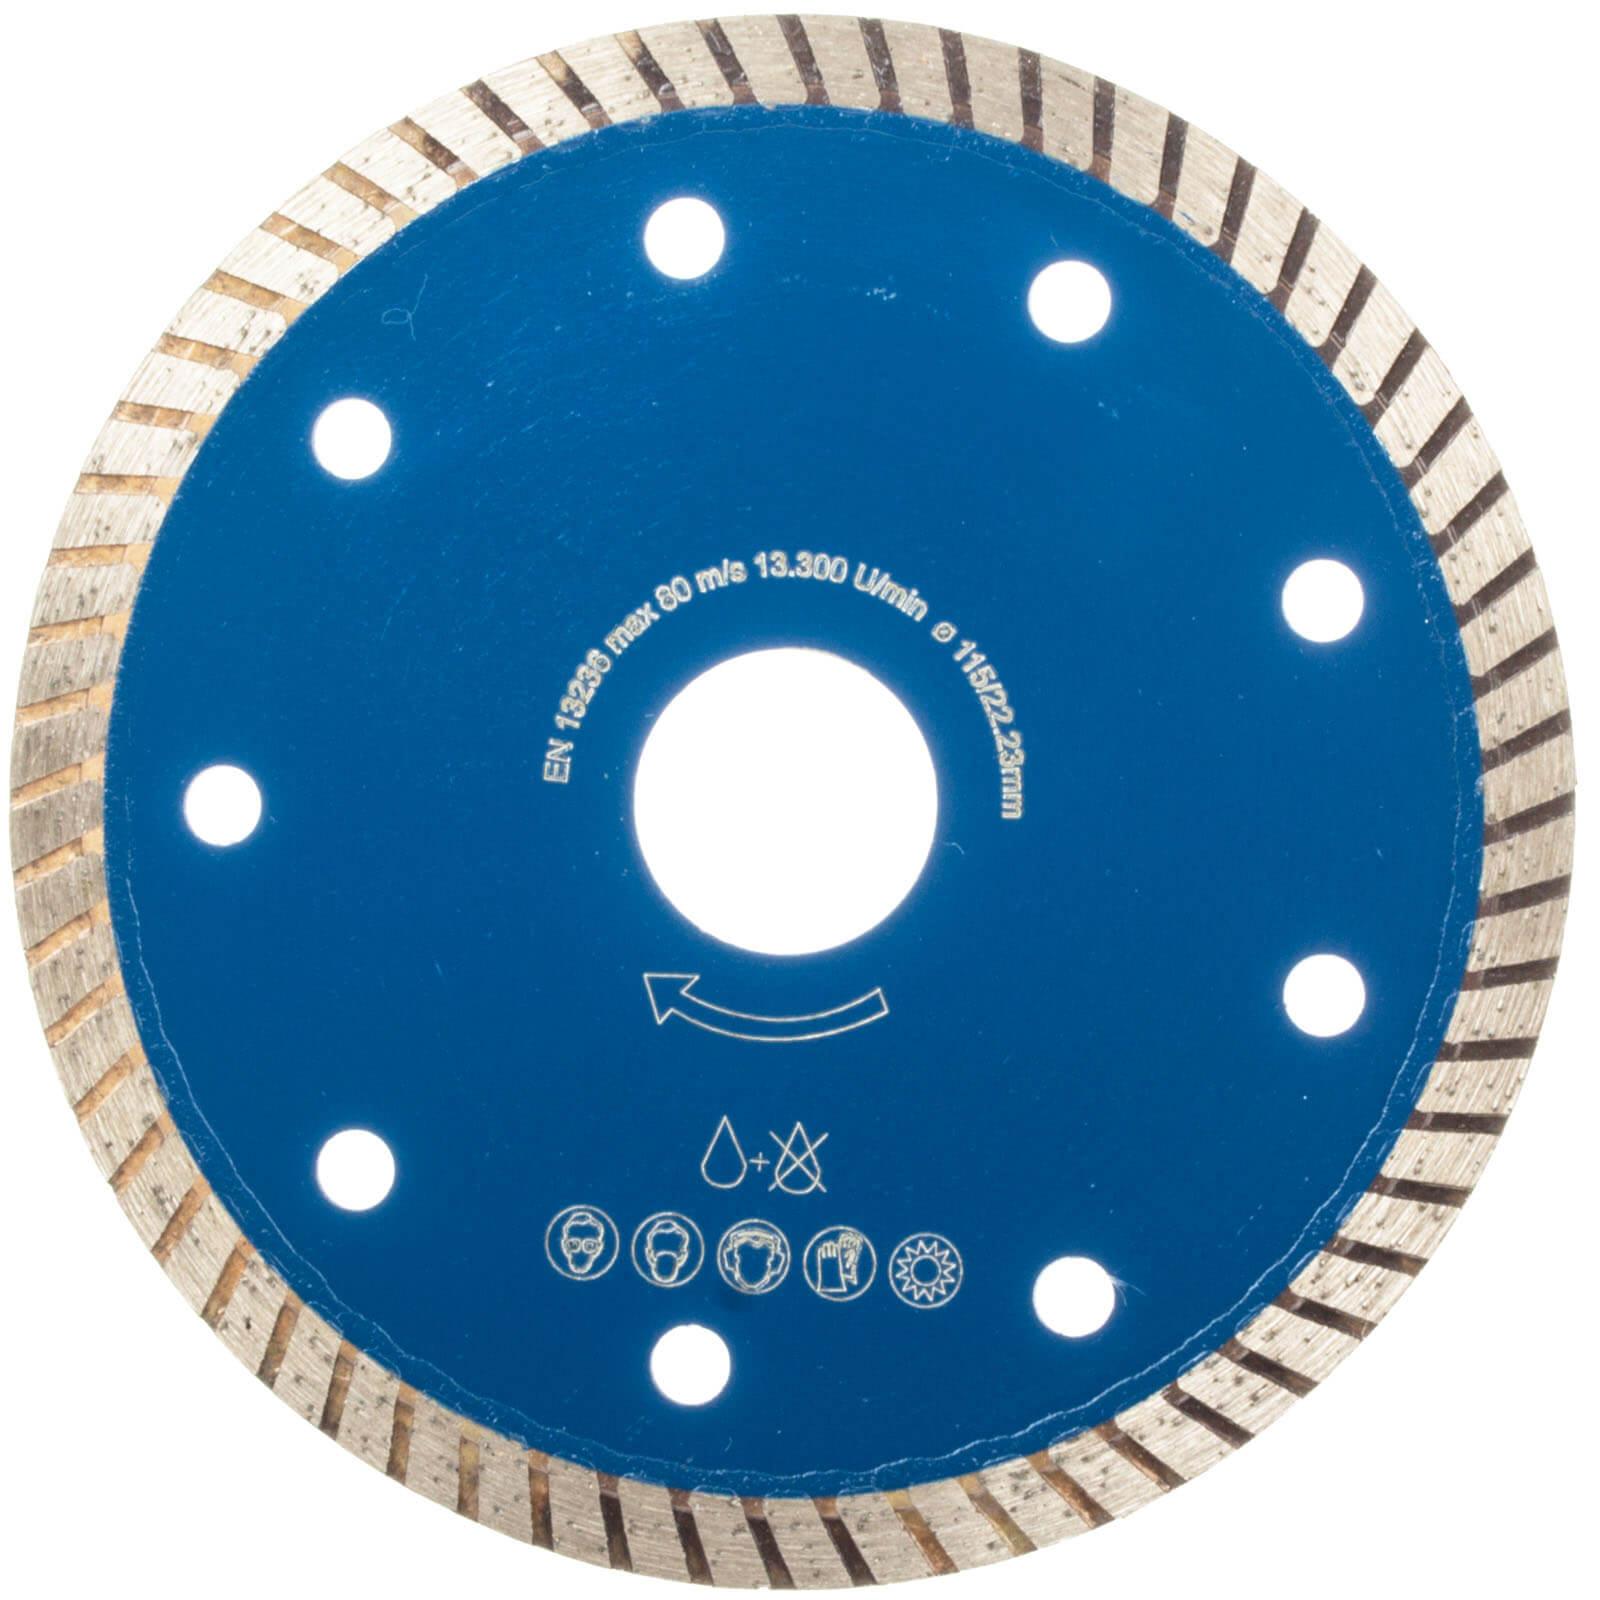 Diamante 115 disco taglio ceramica piastrelle fughe tagli - Disco taglio piastrelle ...